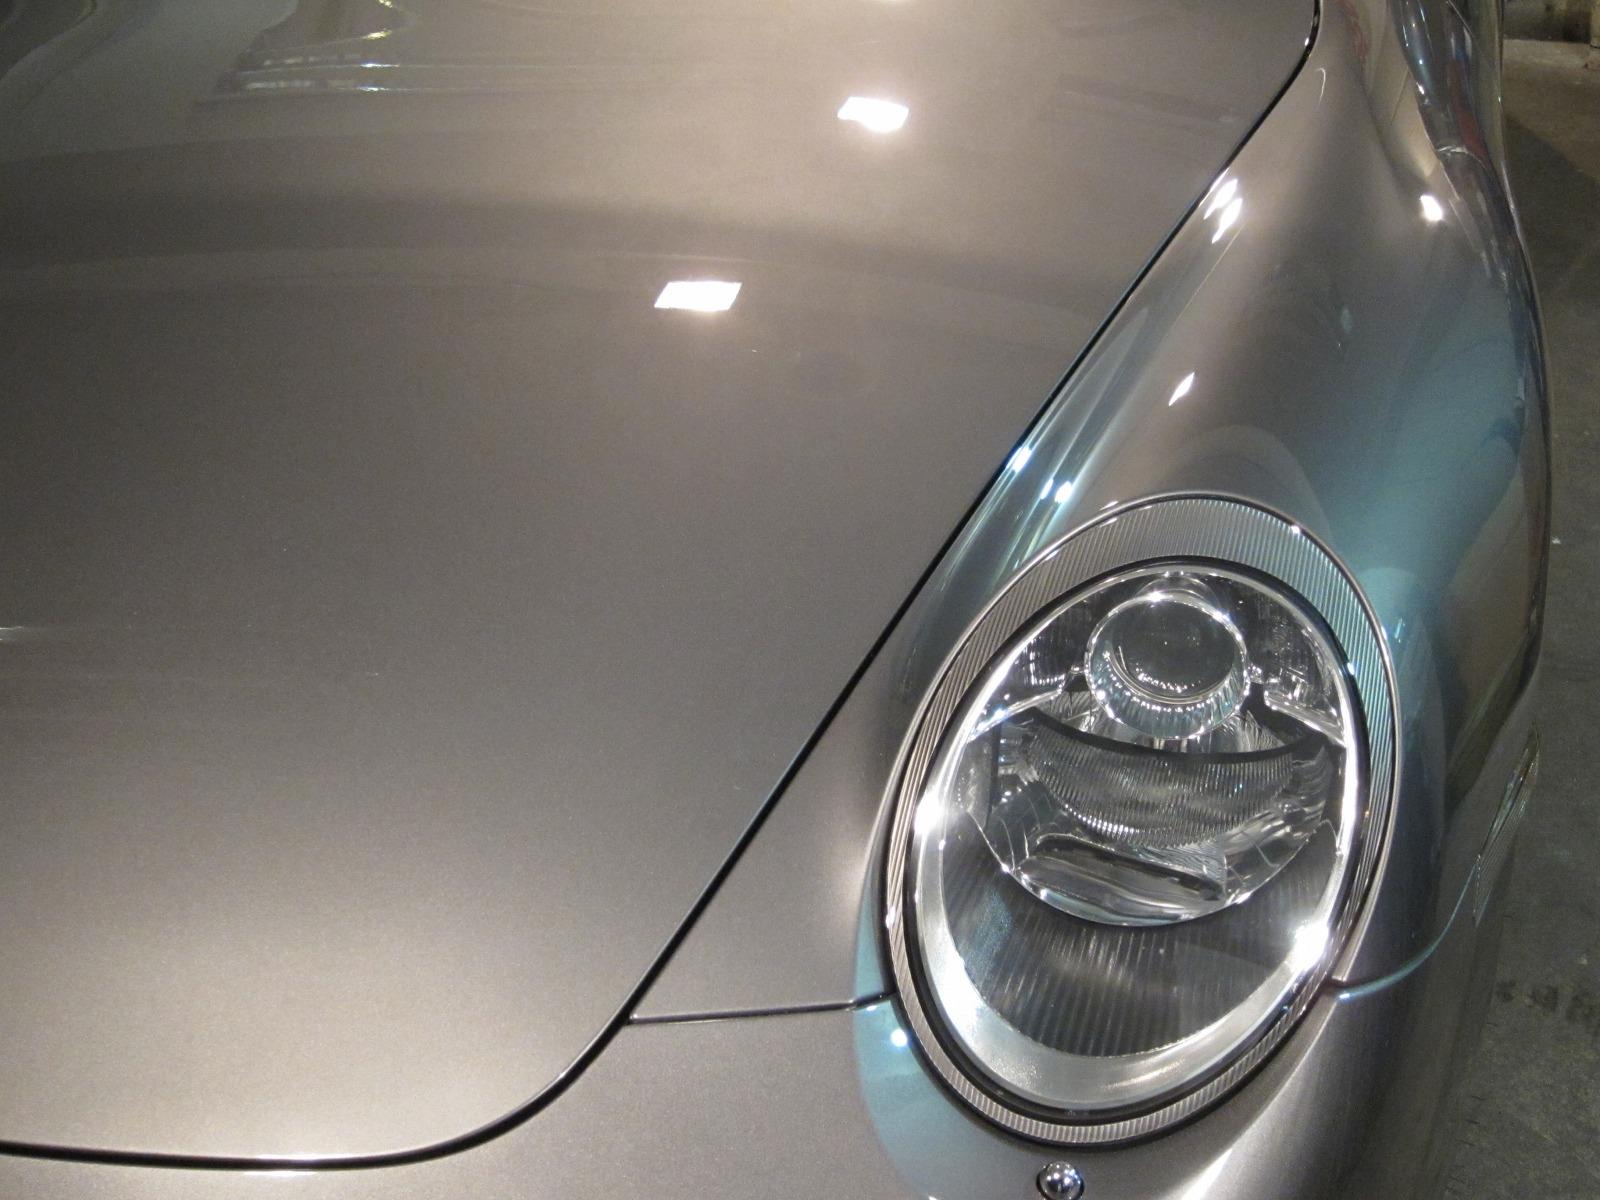 20130715-porsche-911-carreras-05